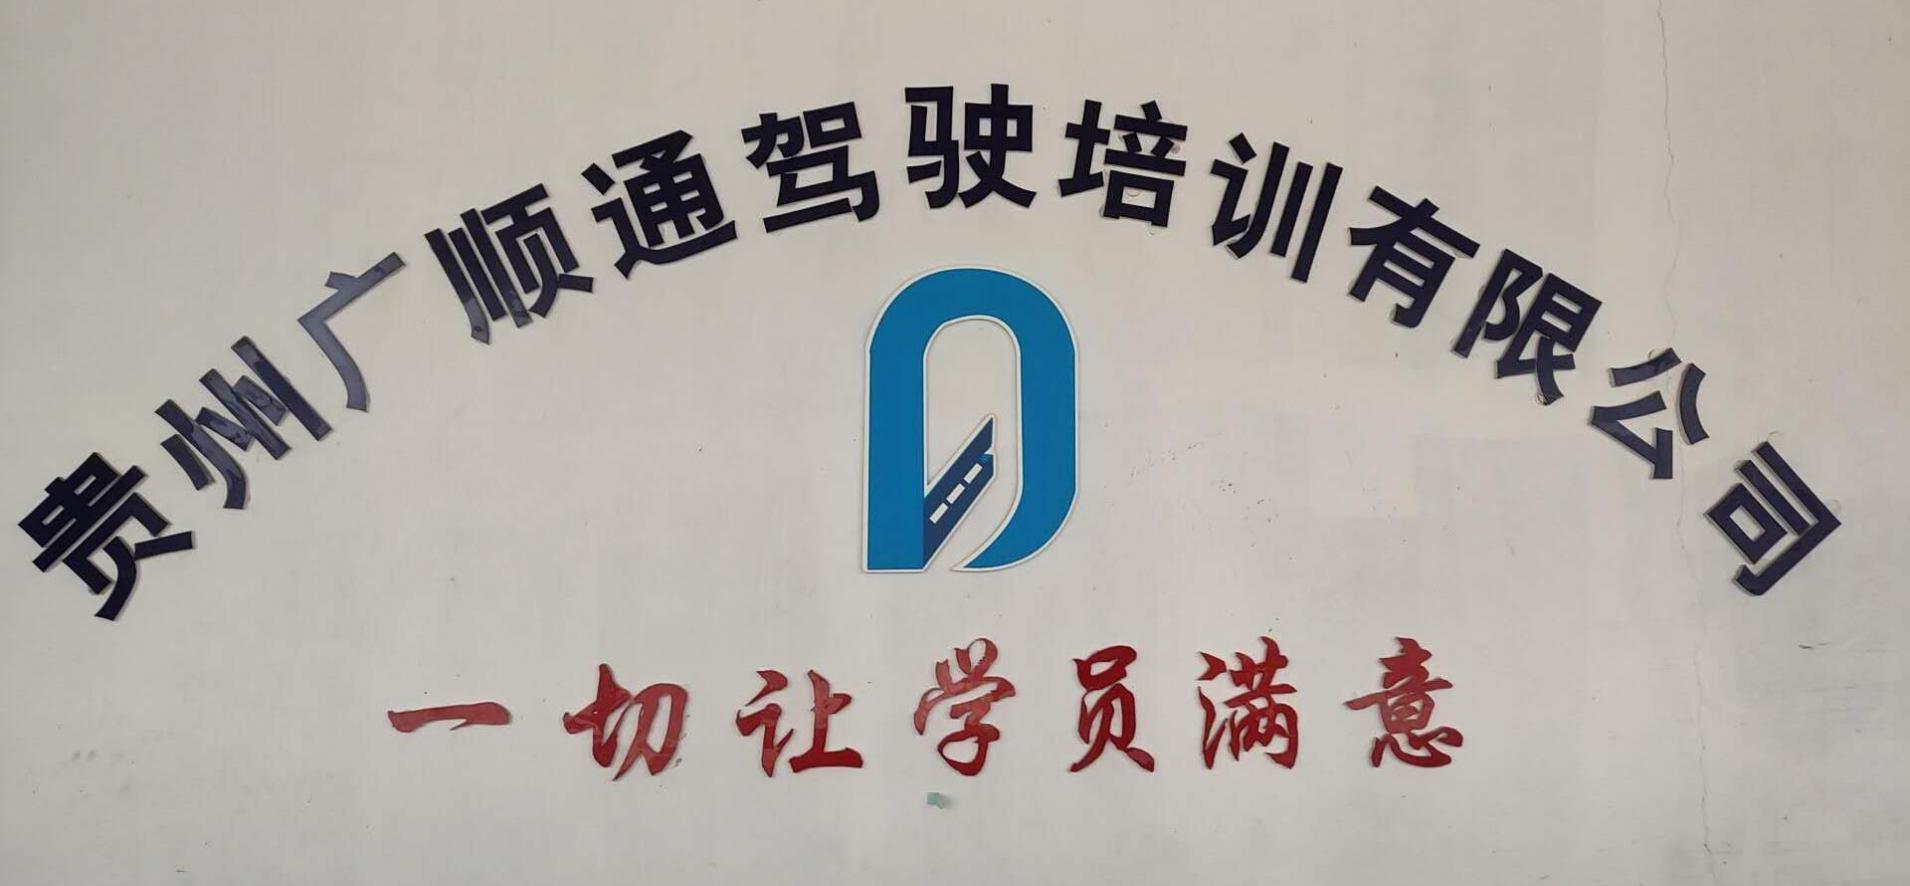 贵阳广顺通驾校